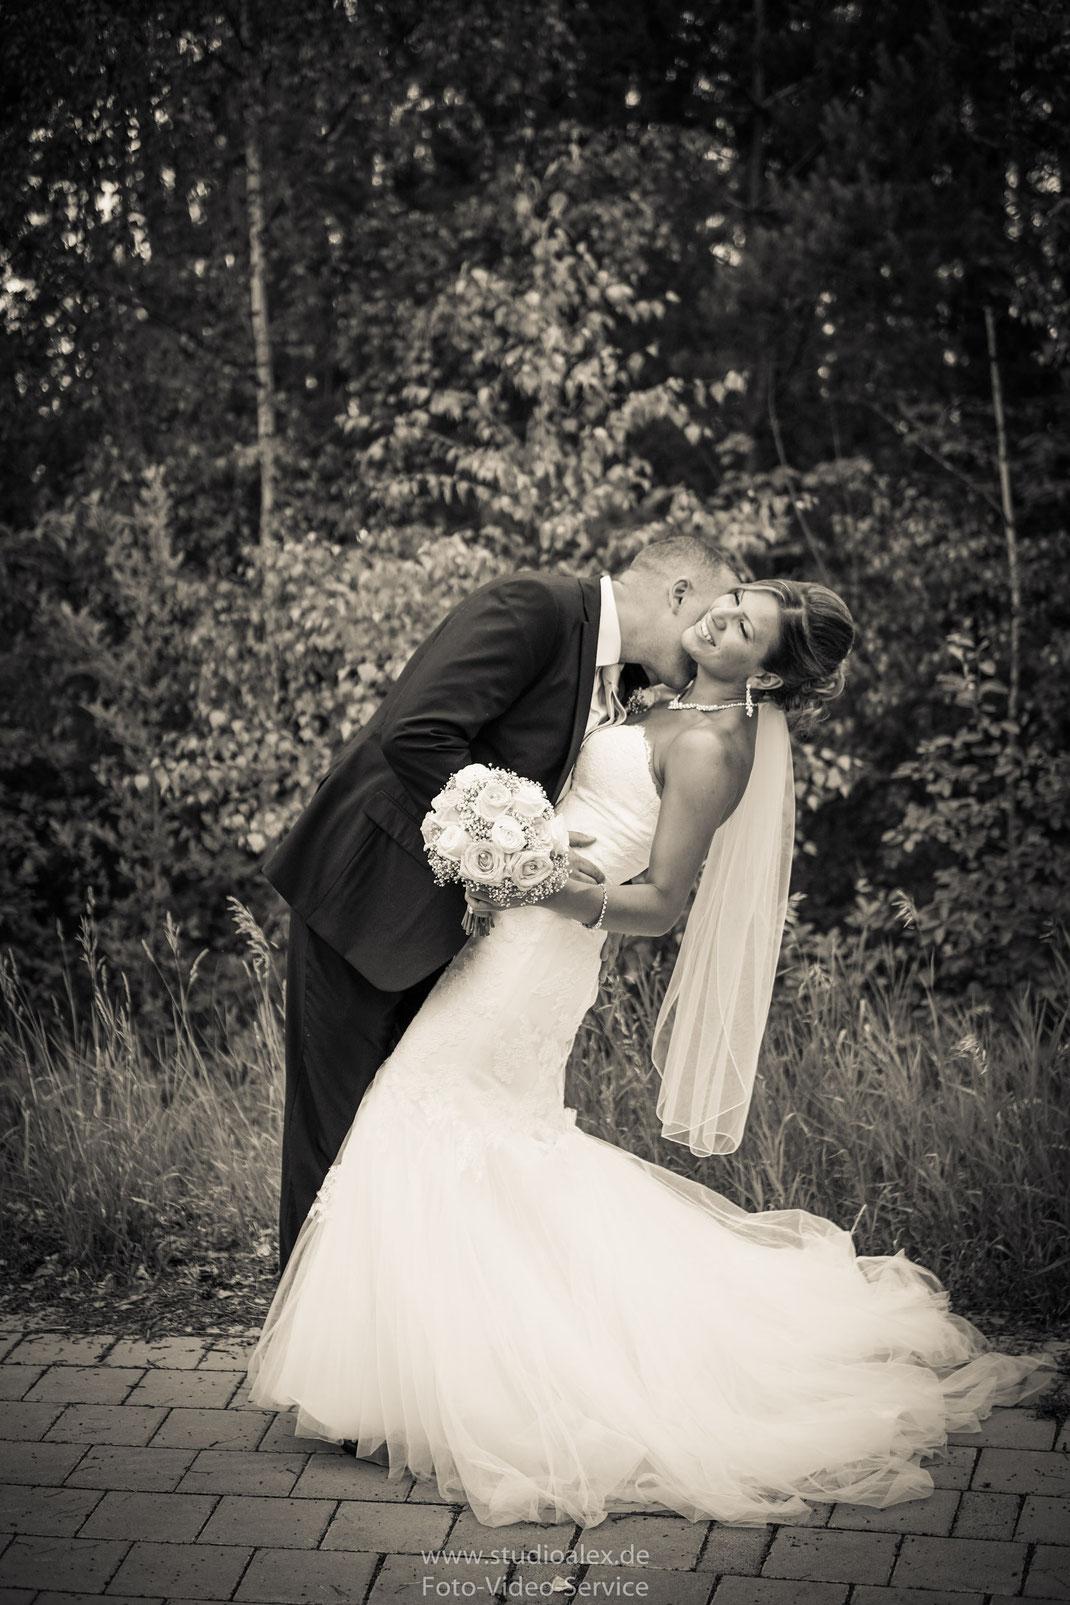 Ideen für Hochzeitsbilder, Ideen für Hochzeitsreportage, Kreative Hochzeitsbilder Roth, Hochzeitsfotoreportage Roth, Hochzeitsfotografie Roth,